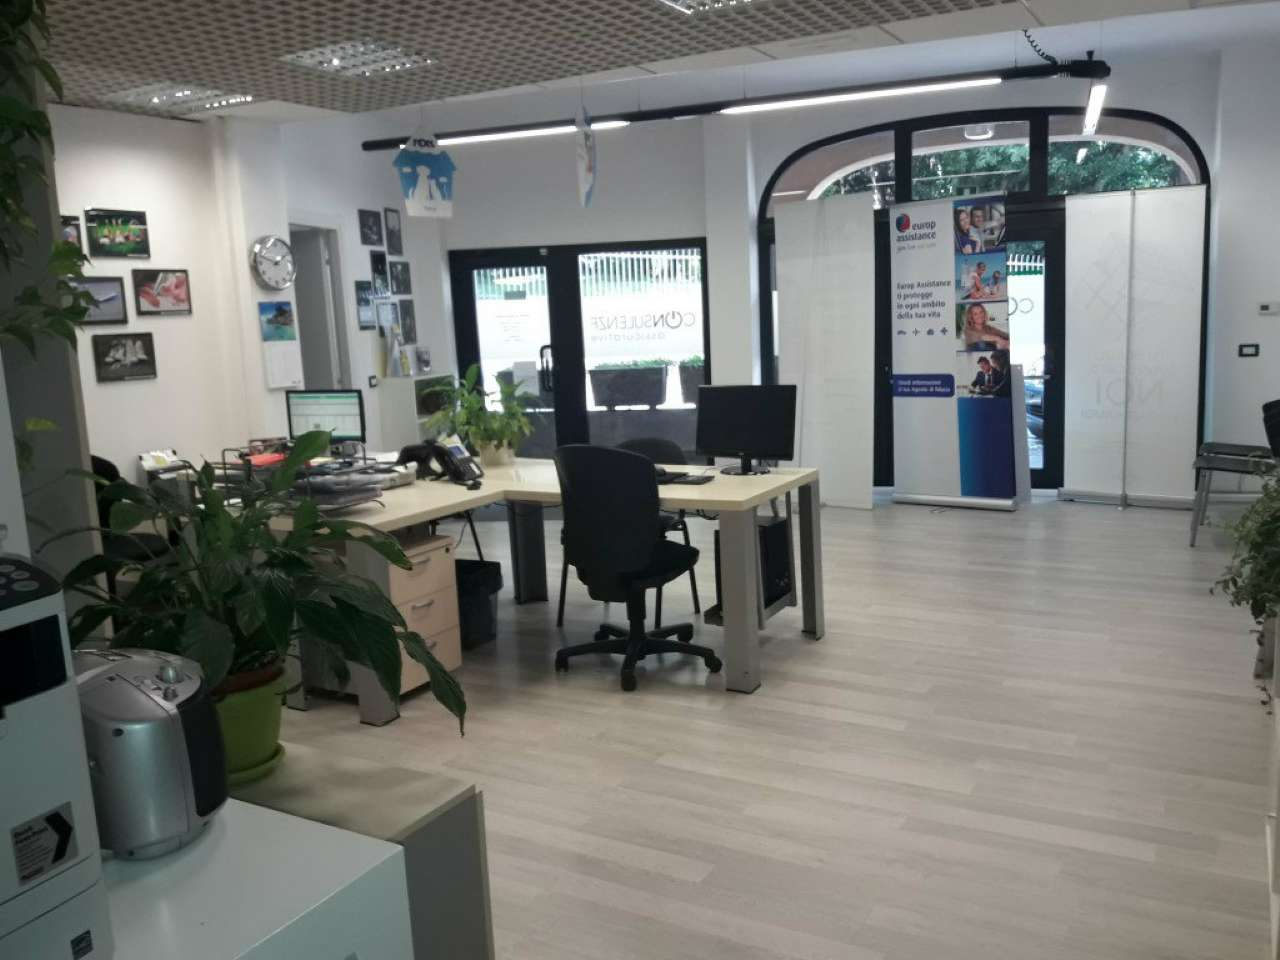 Ufficio / Studio in affitto a Olgiate Comasco, 5 locali, prezzo € 1.200 | CambioCasa.it